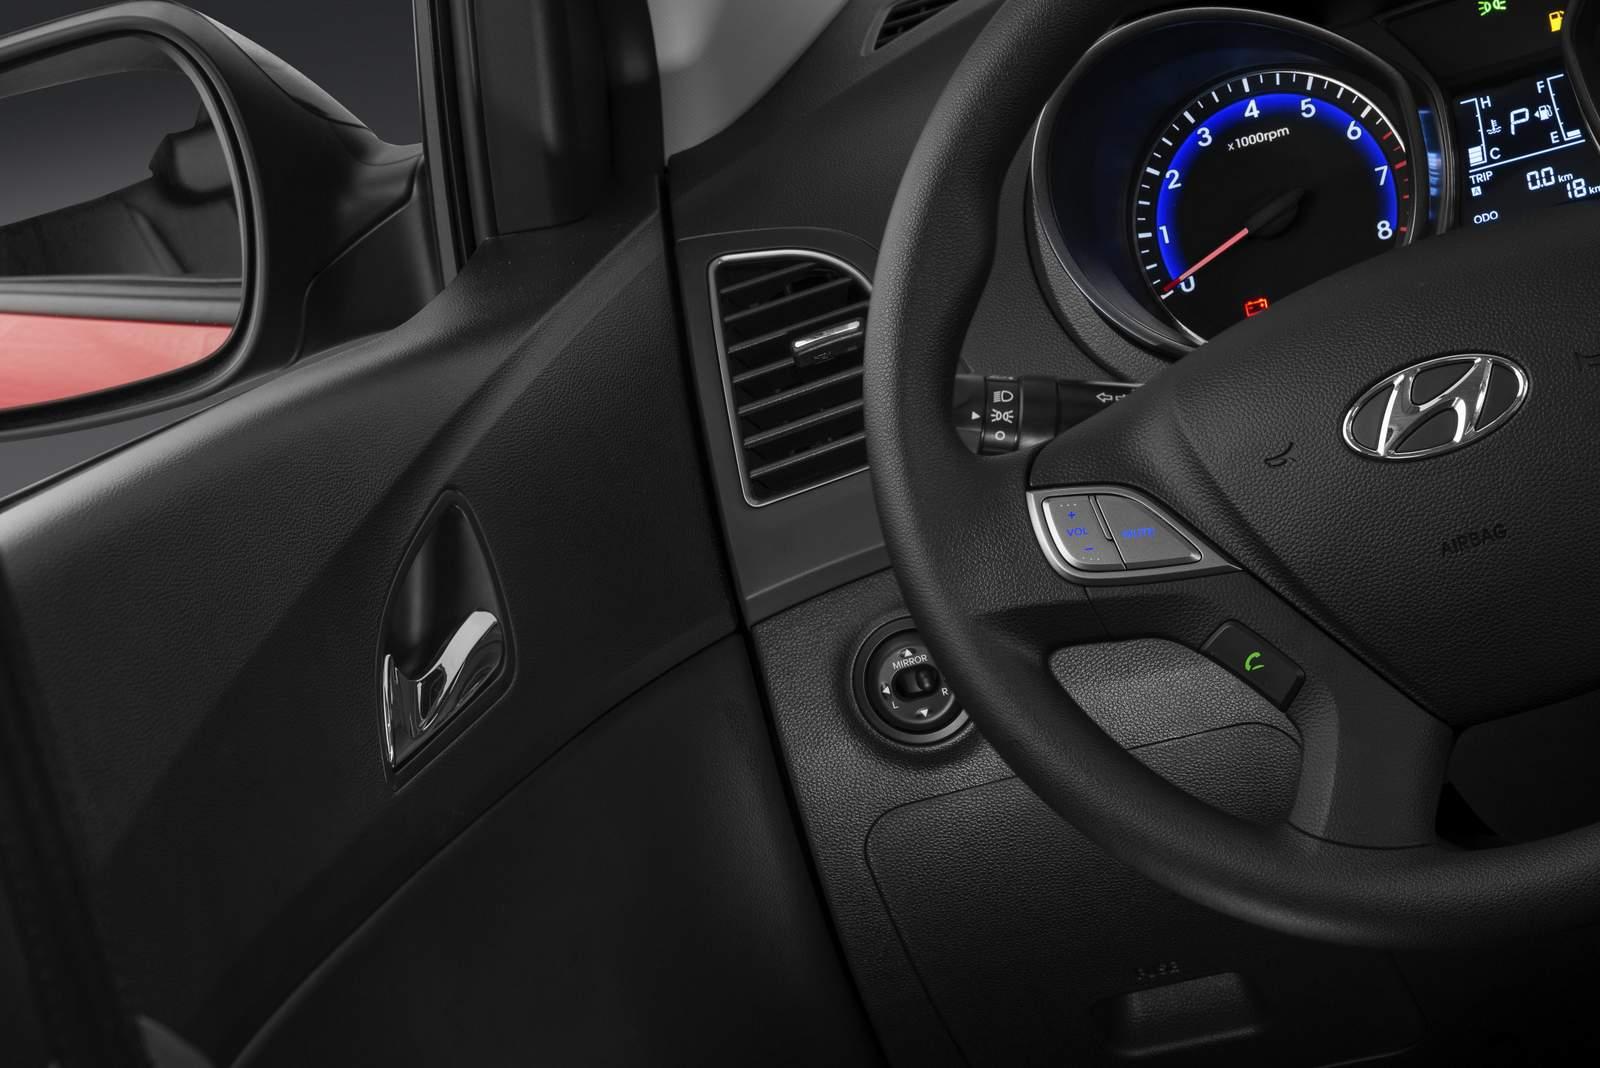 Hyundai HB20 2015 Spicy - interior